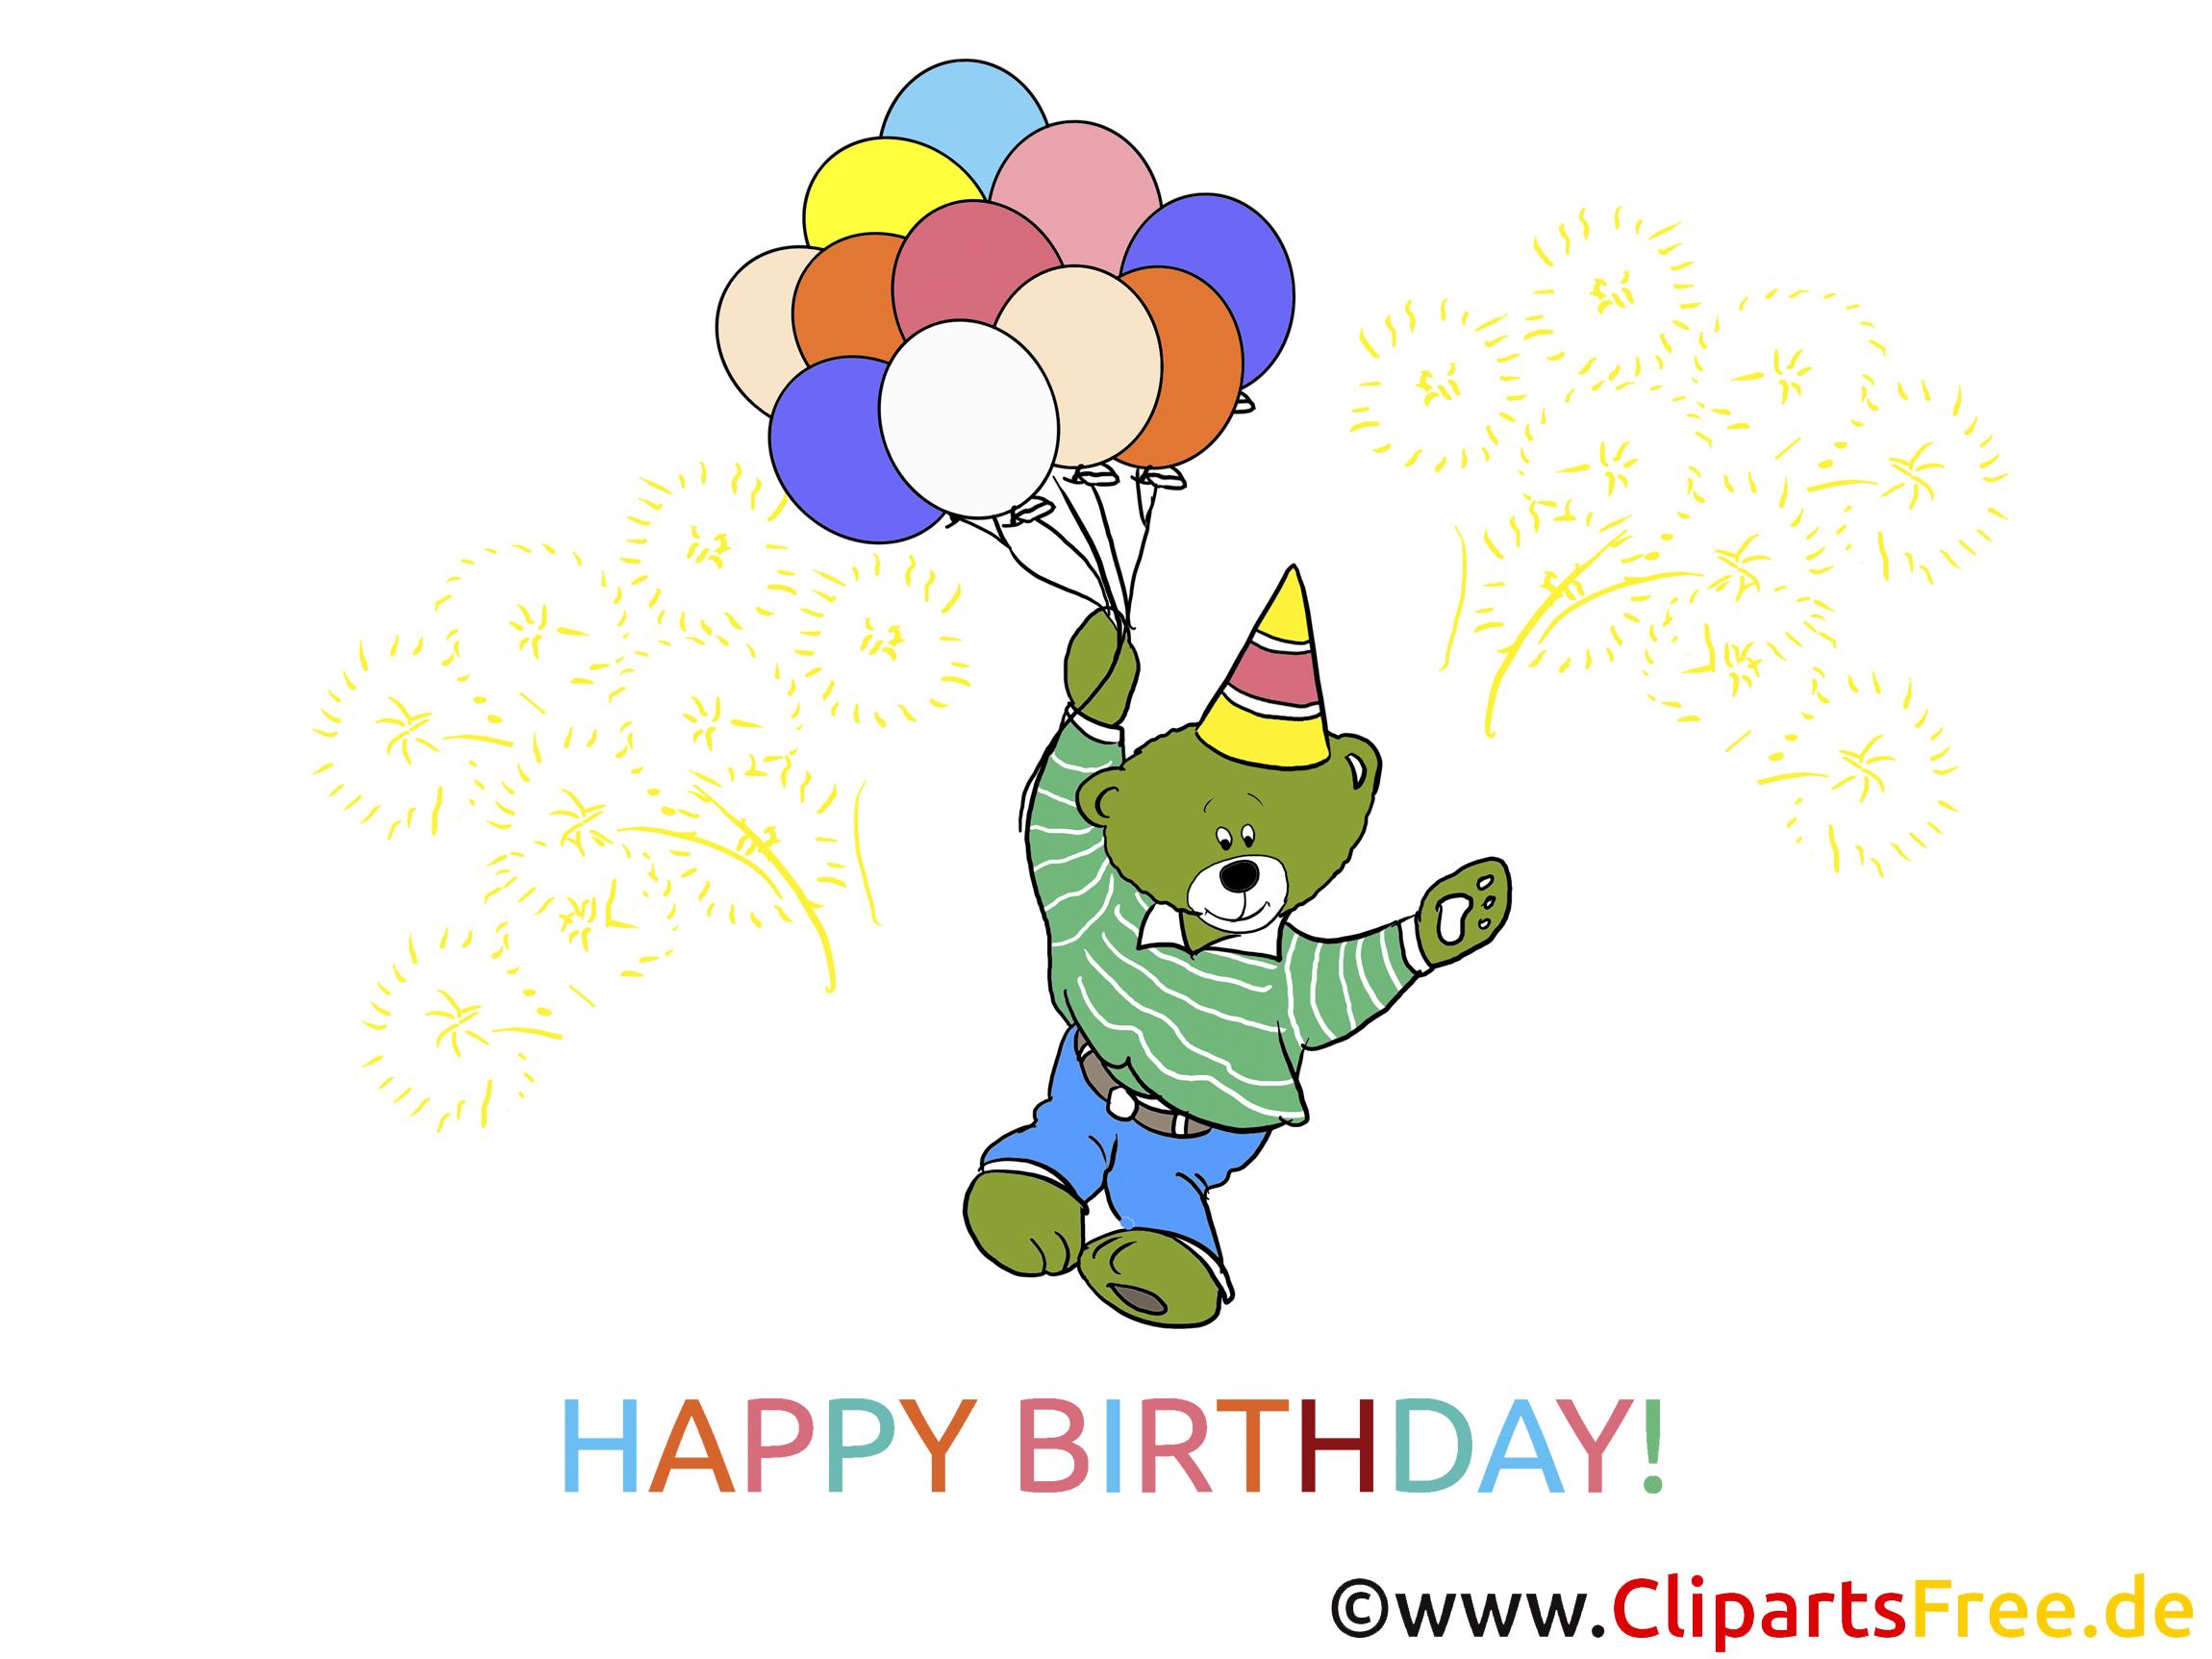 Bilder Geburtstagseinladung gratis herunterladen und drucken in Hochqualität